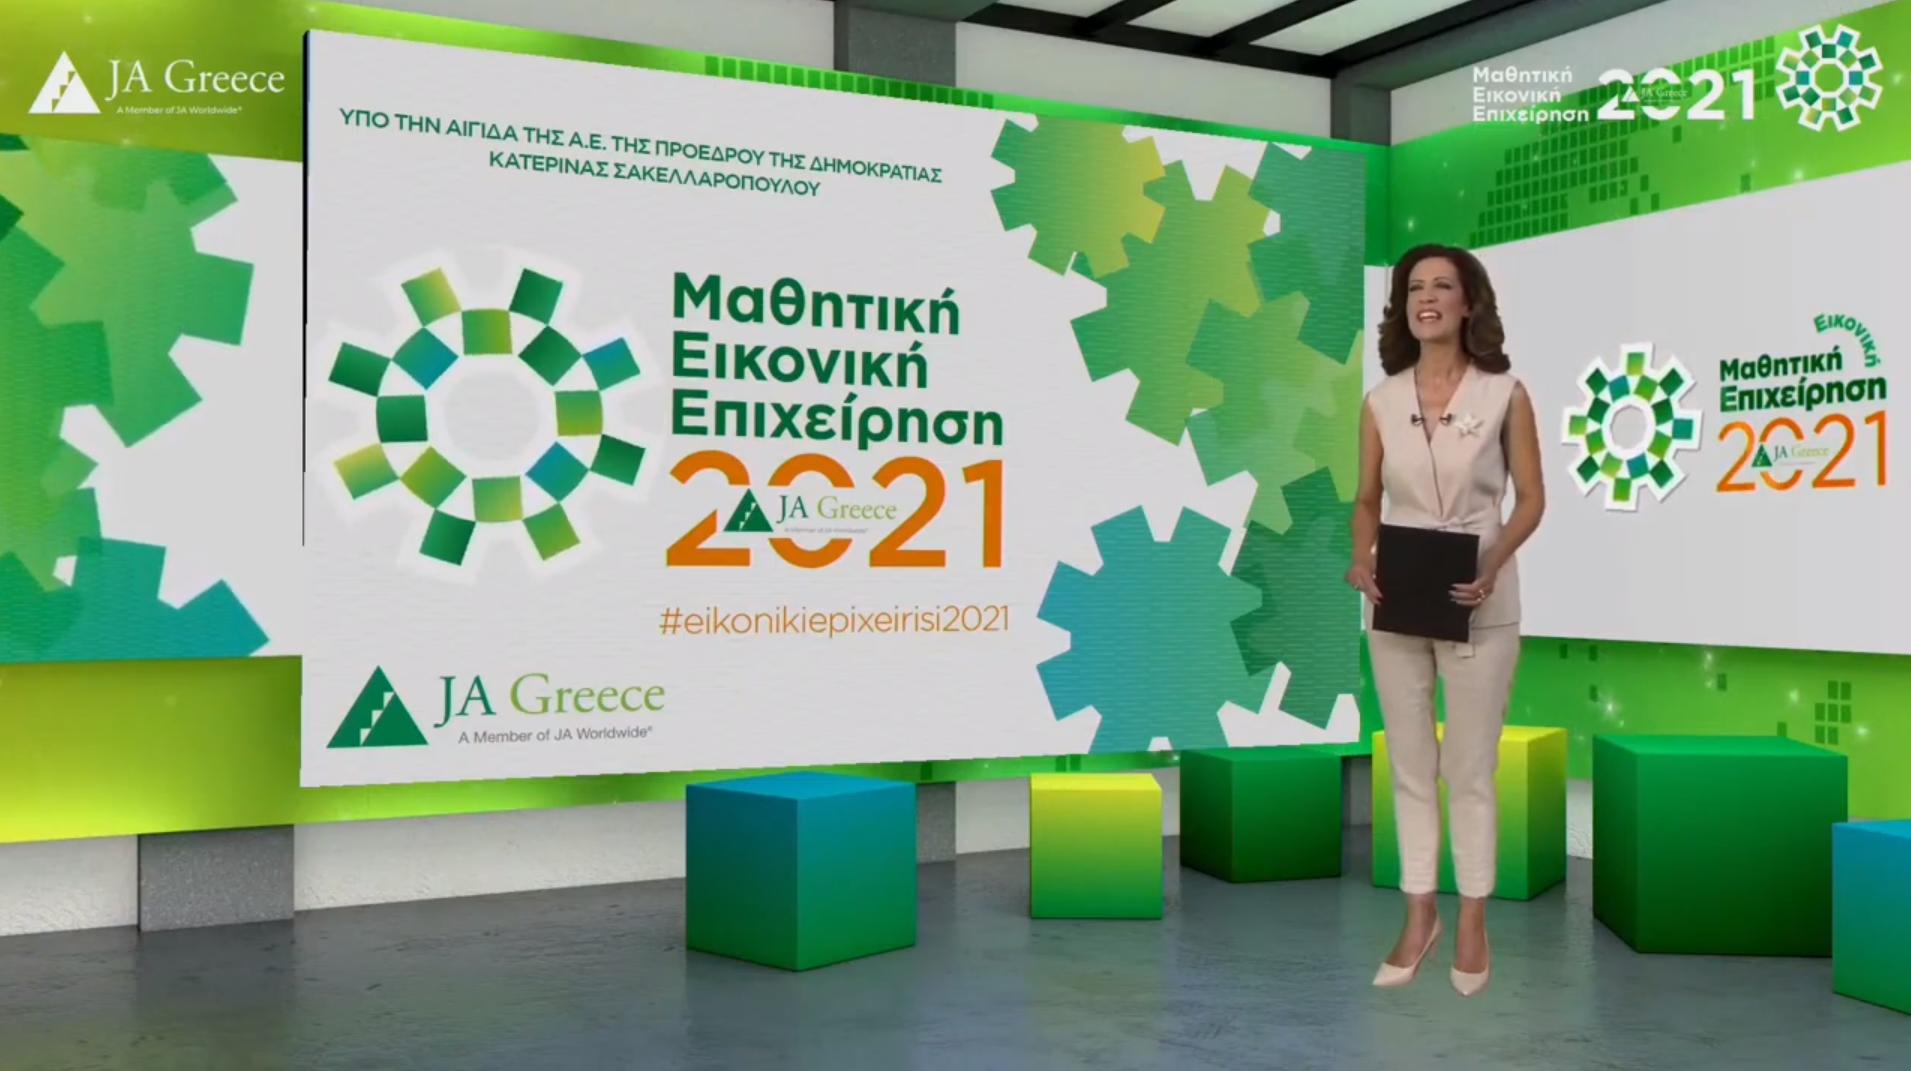 Τρίτη θέση στον Πανελλήνιο διαγωνισμό Company Junior 2021